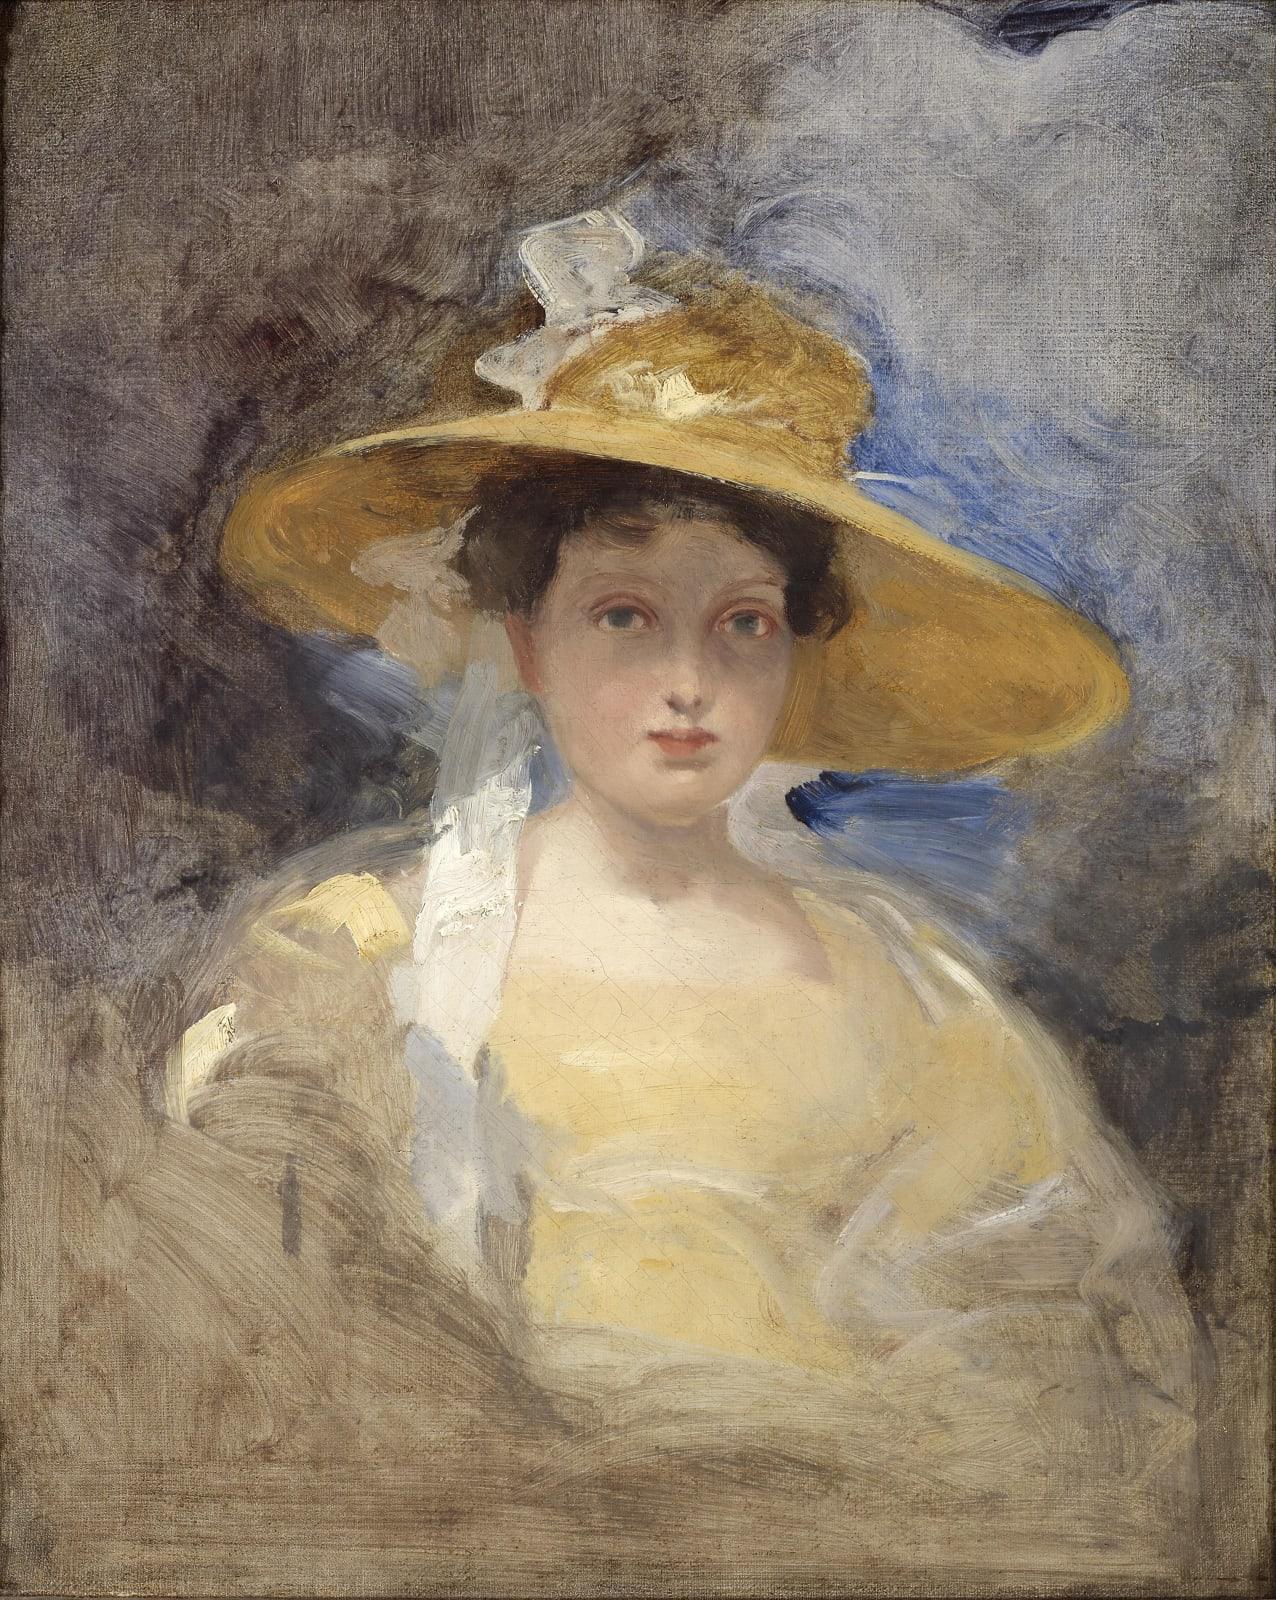 Victoria (1819 – 1901)